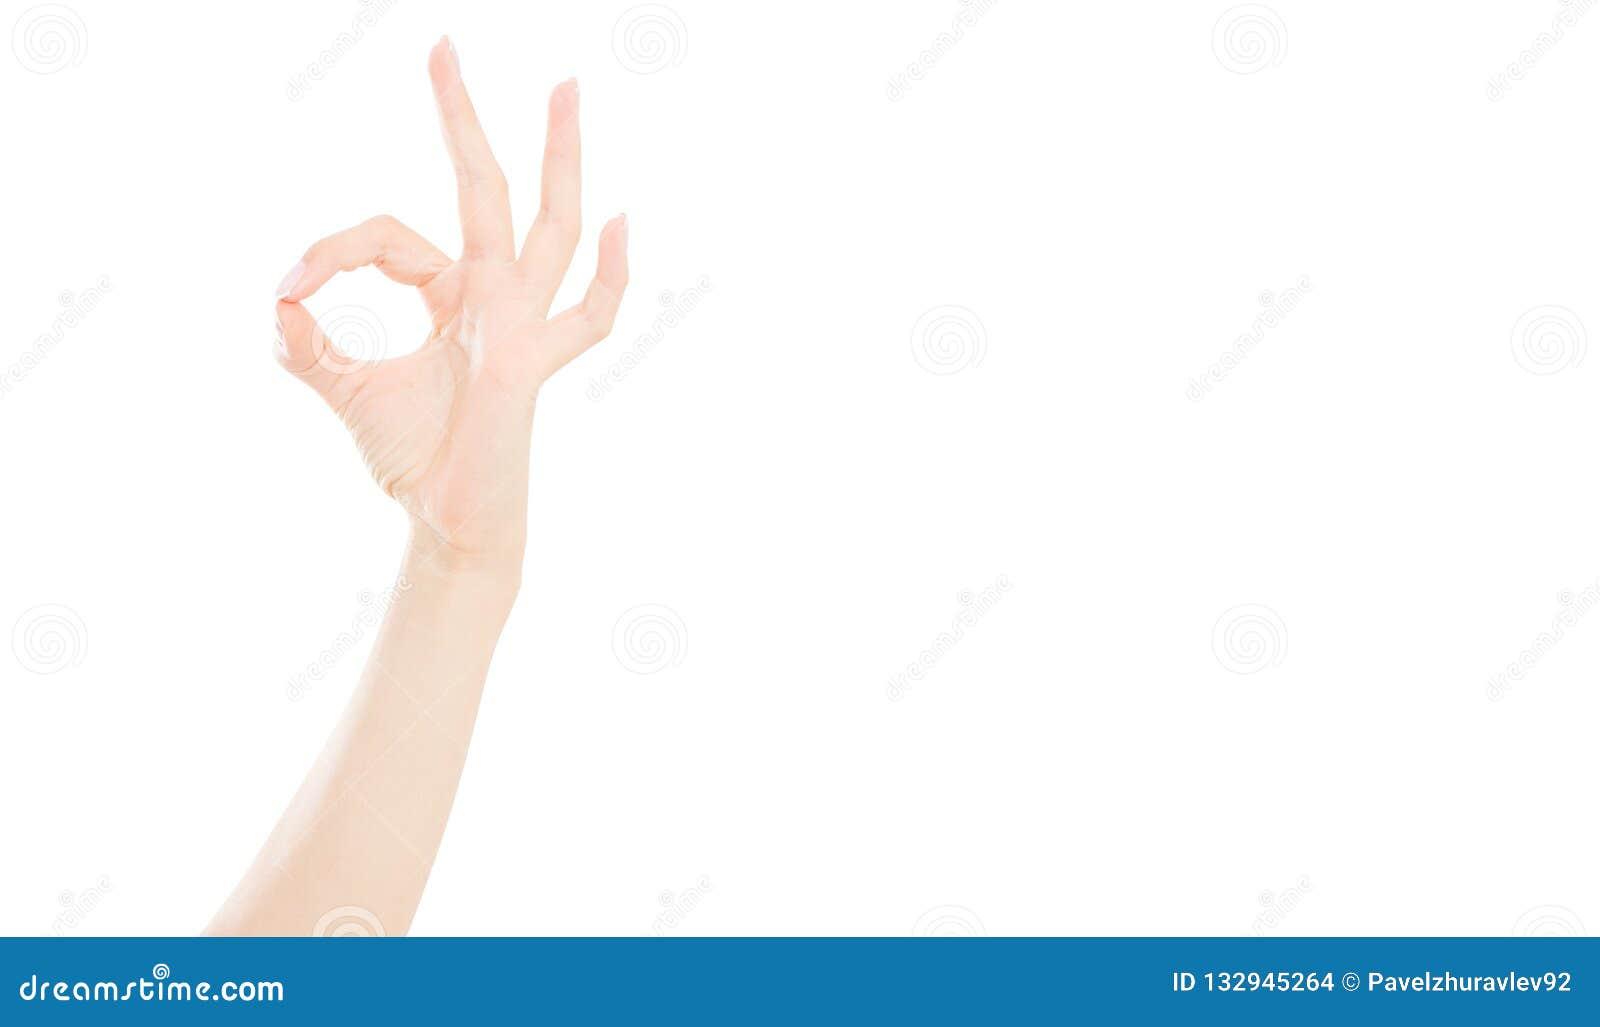 Heißen Sie das Zeichen gut, das auf weißem Hintergrund, weibliche Hand lokalisiert wird